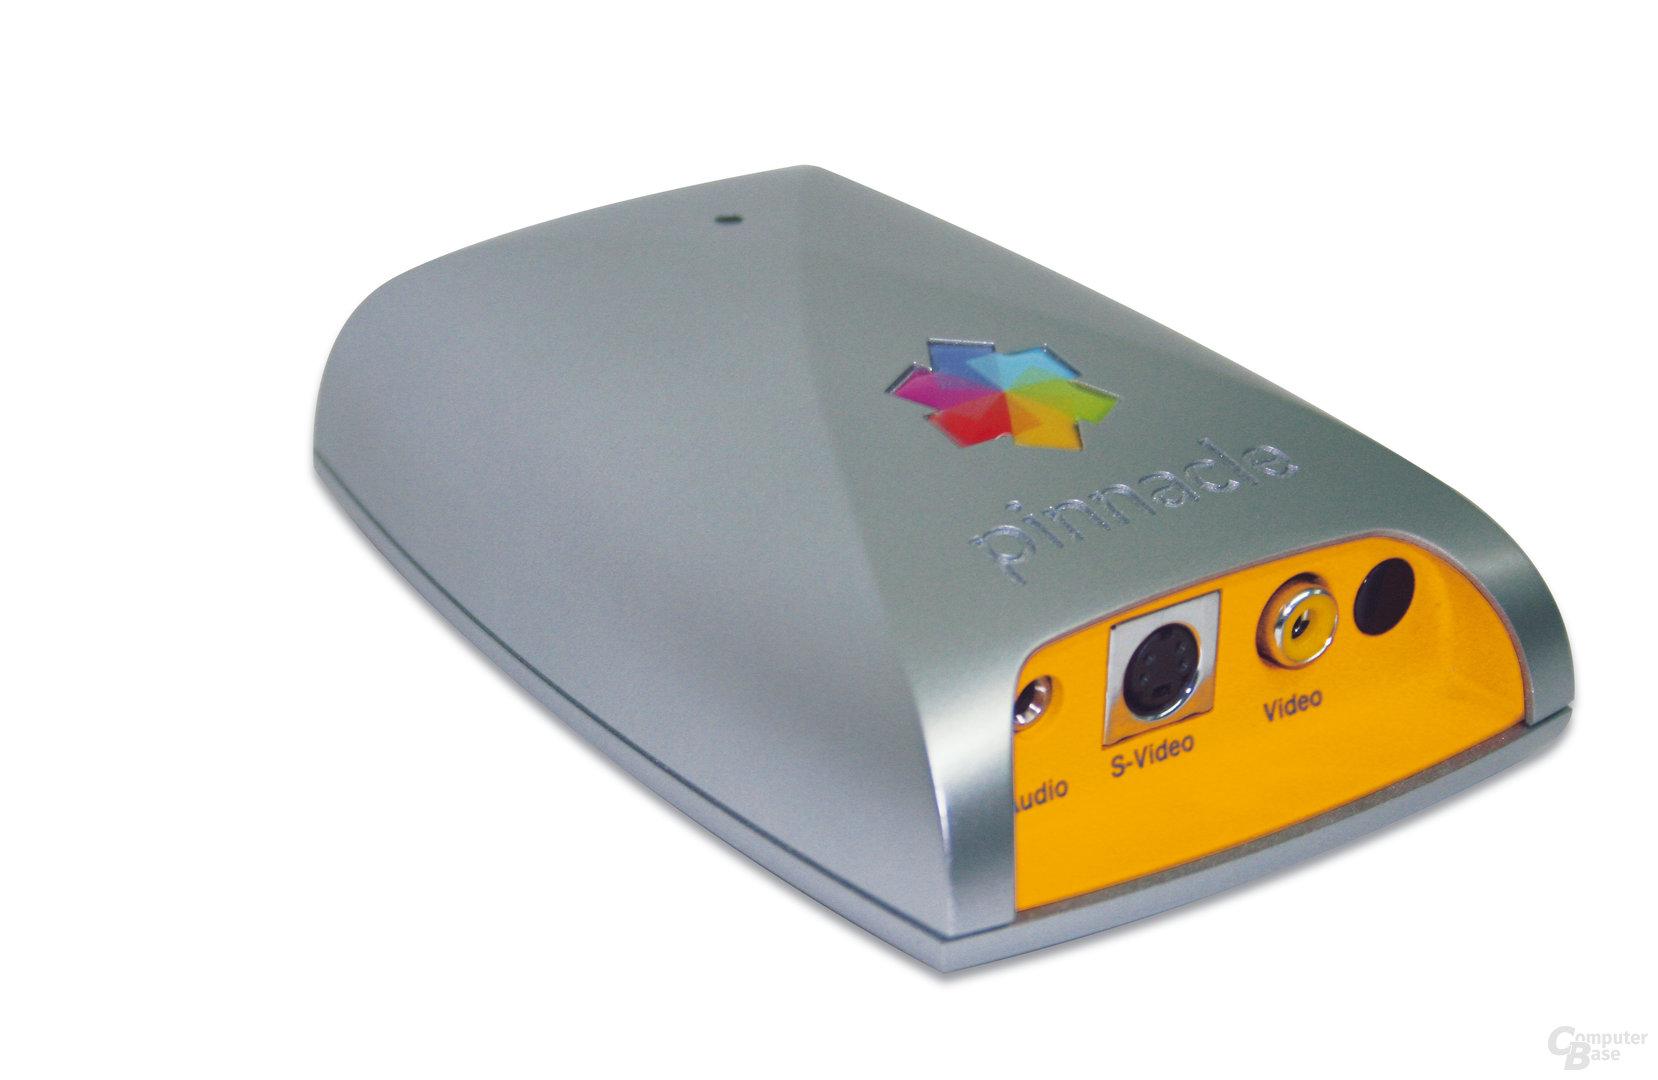 Pinnacle PCTV Analog USB